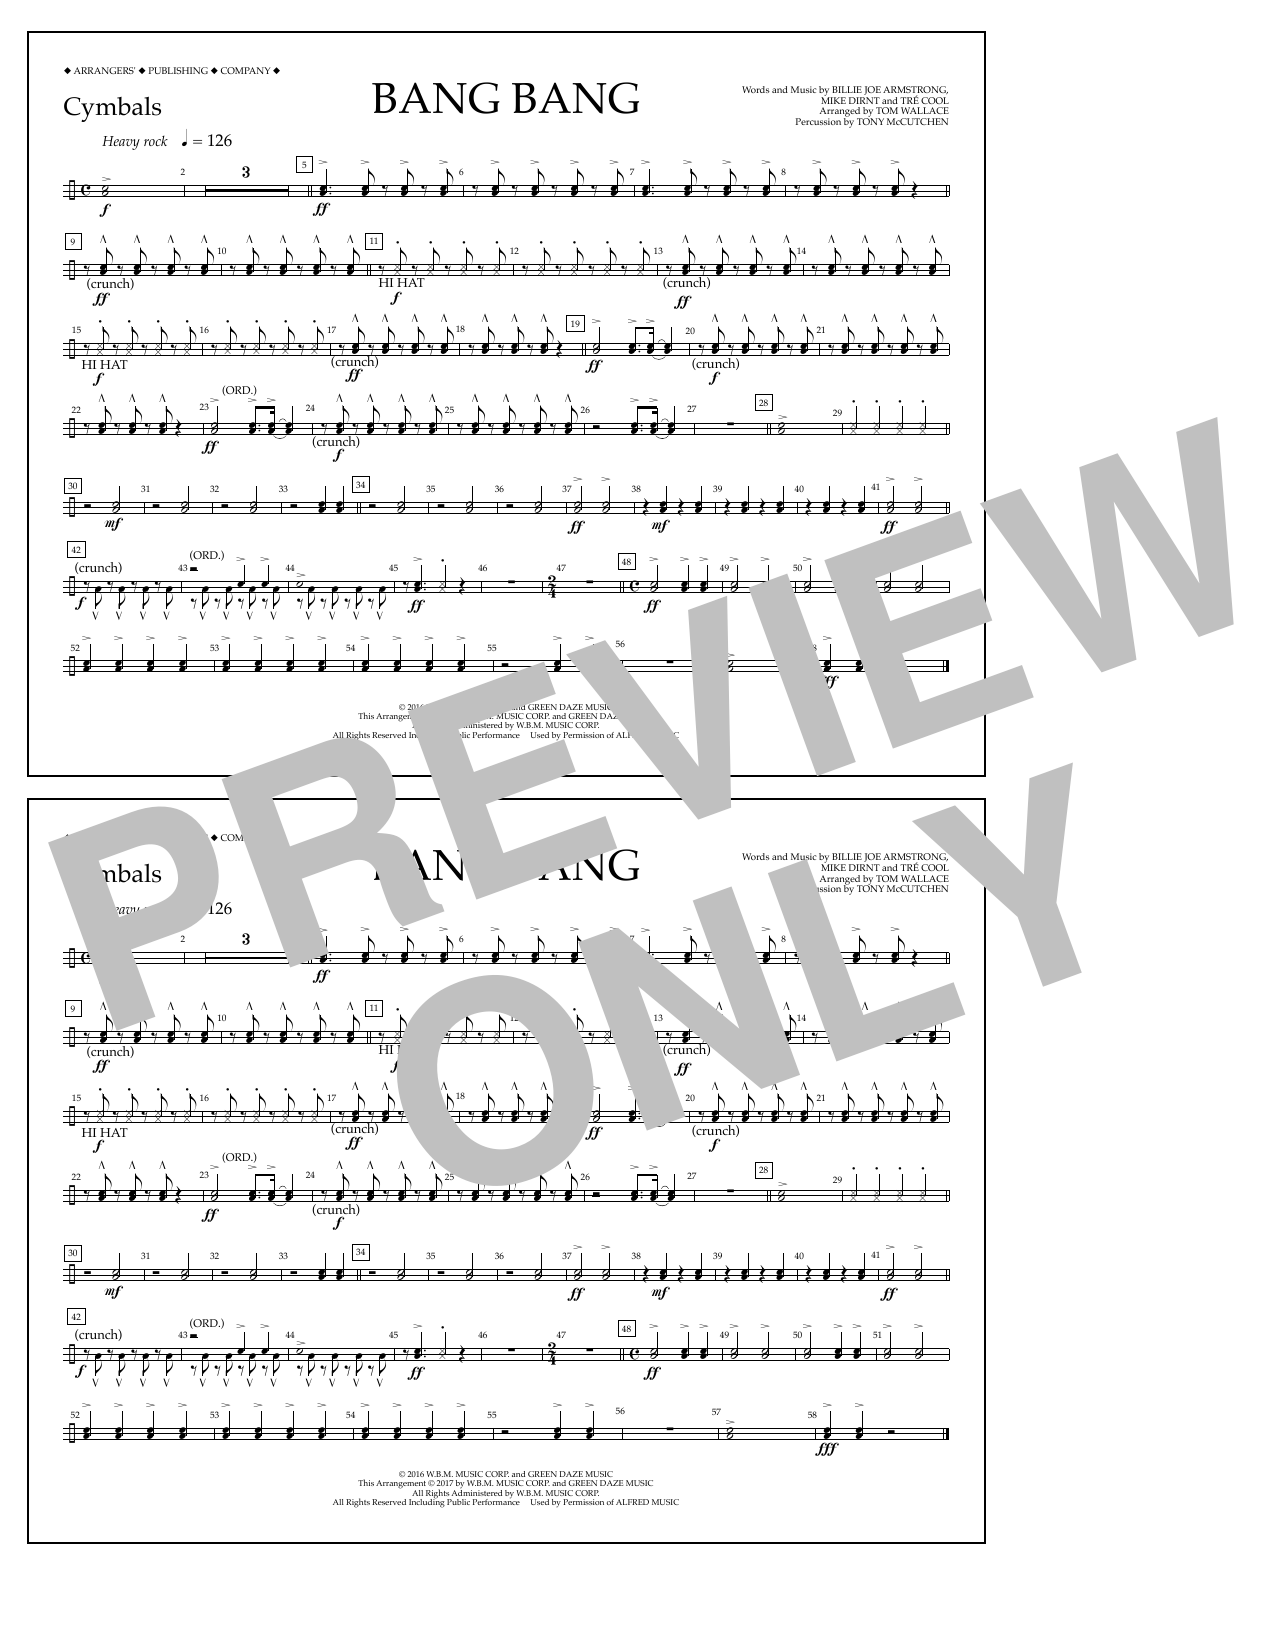 Bang Bang - Cymbals Partition Digitale